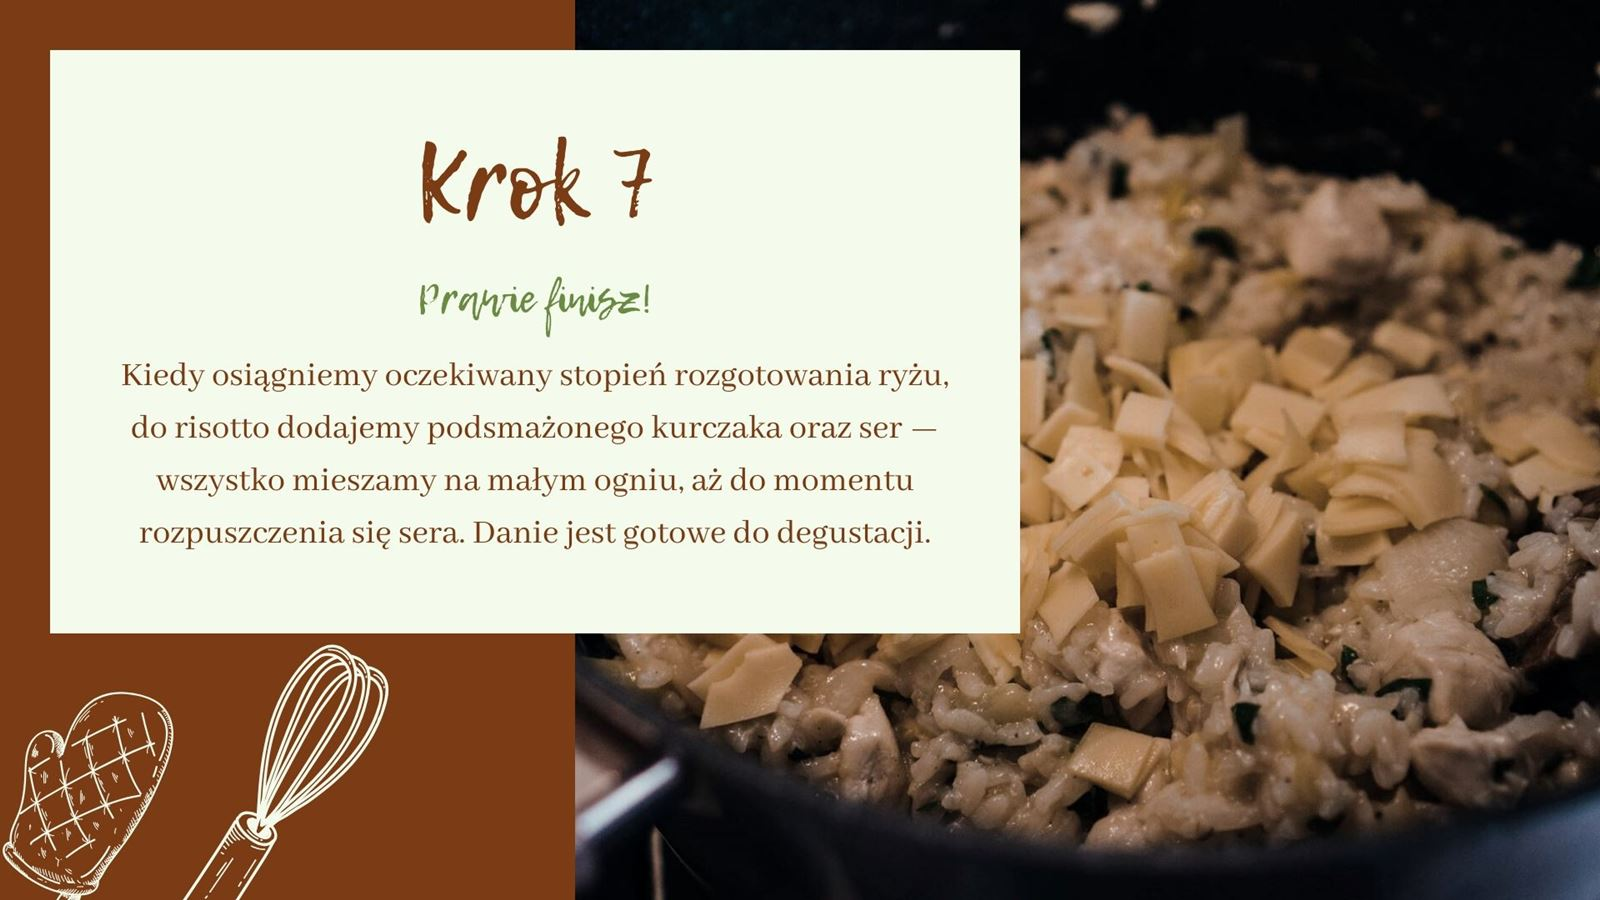 1 przepis jak zrobić risotto z cukinią i pieczarkami na białym winie polskie dobre białe wina wytrawne dwór sanna cena recenzja opinia gdzie kupić hotel z winnicą